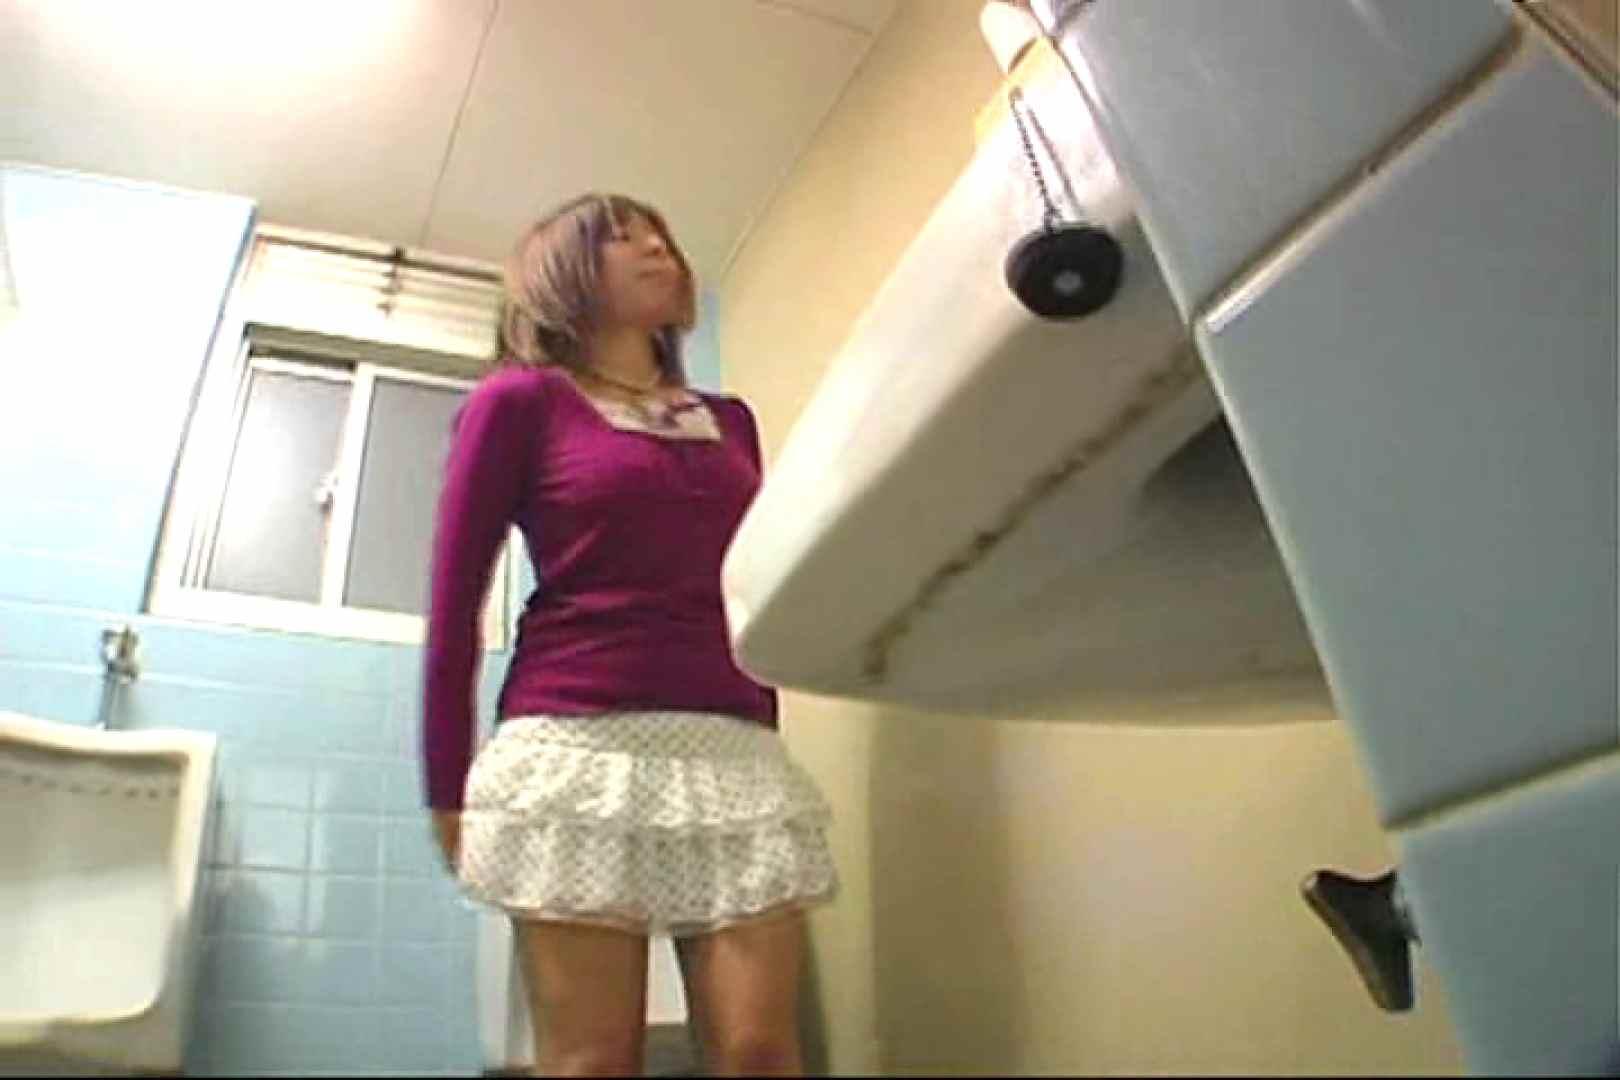 雑居ビル洗面所只今使用禁止中!Vol.1 ワルノリ 盗み撮り動画 74画像 11